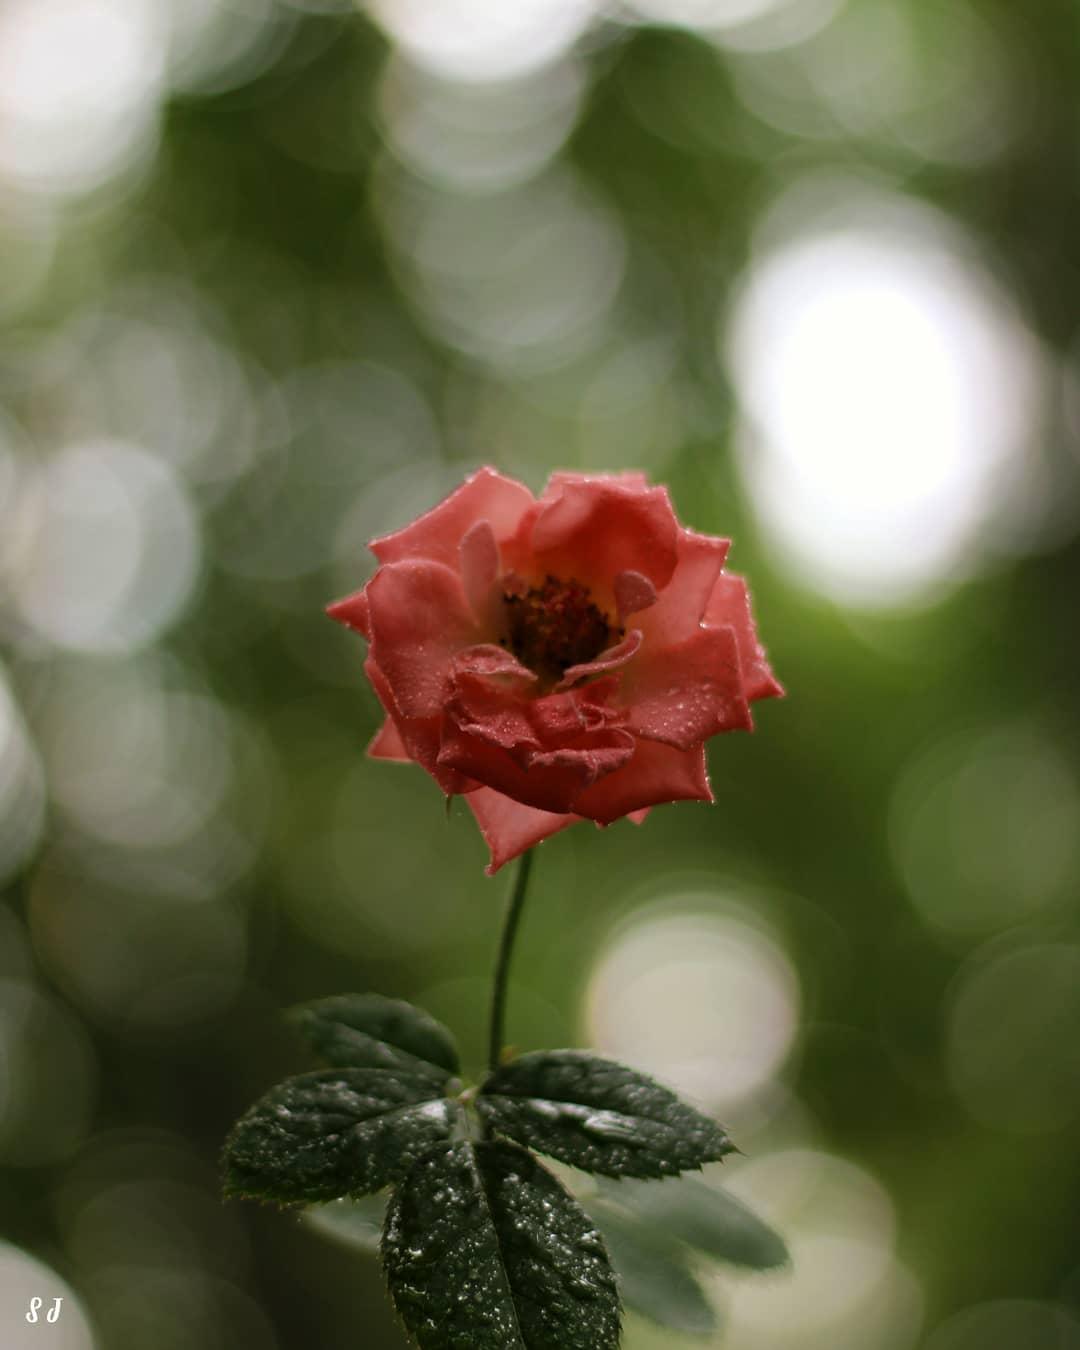 Rose: Symbol of love